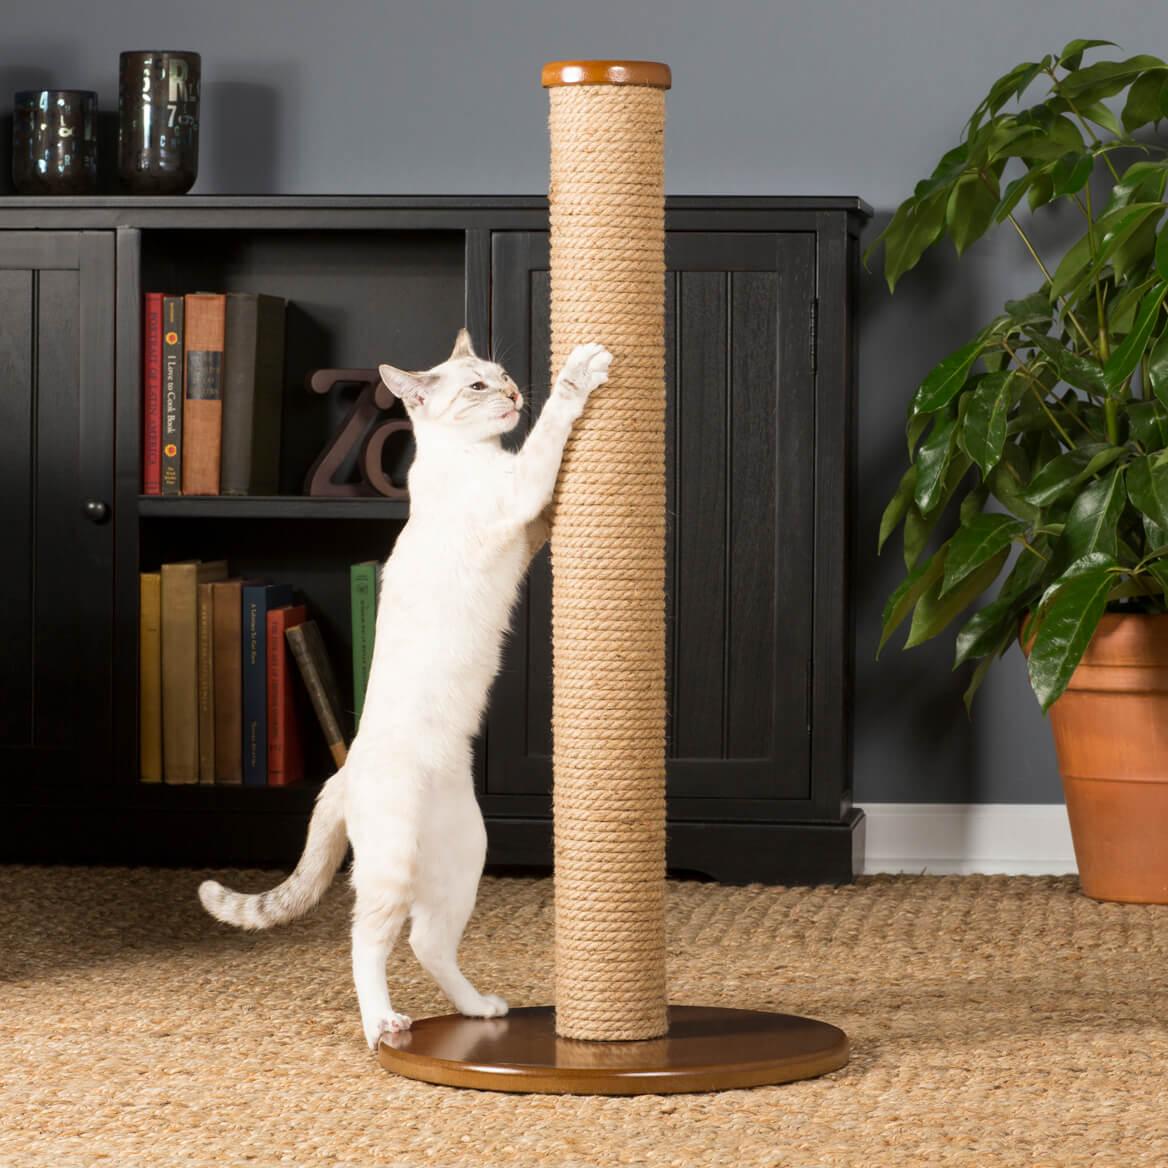 Когтеточка напольная для кошек своими руками Дом из профилированного бруса своими руками: пошаговая